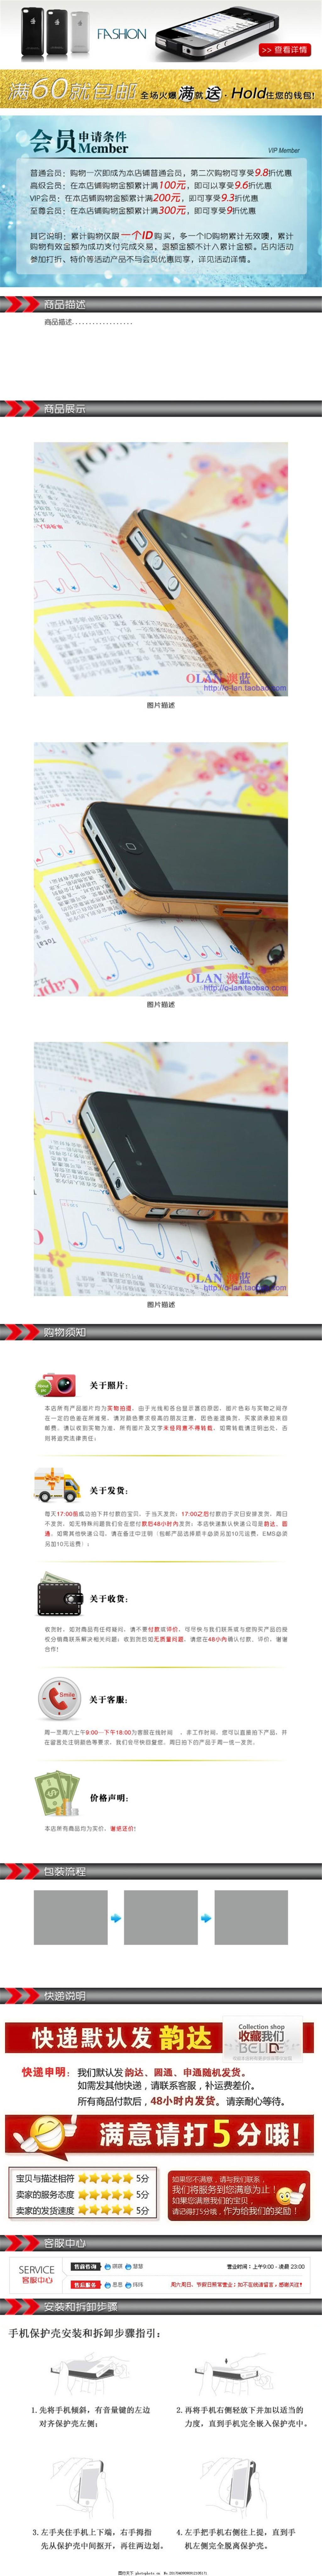 手机淘宝电商数码家电详情页设计图 详情页图片 淘宝模板 电商模板